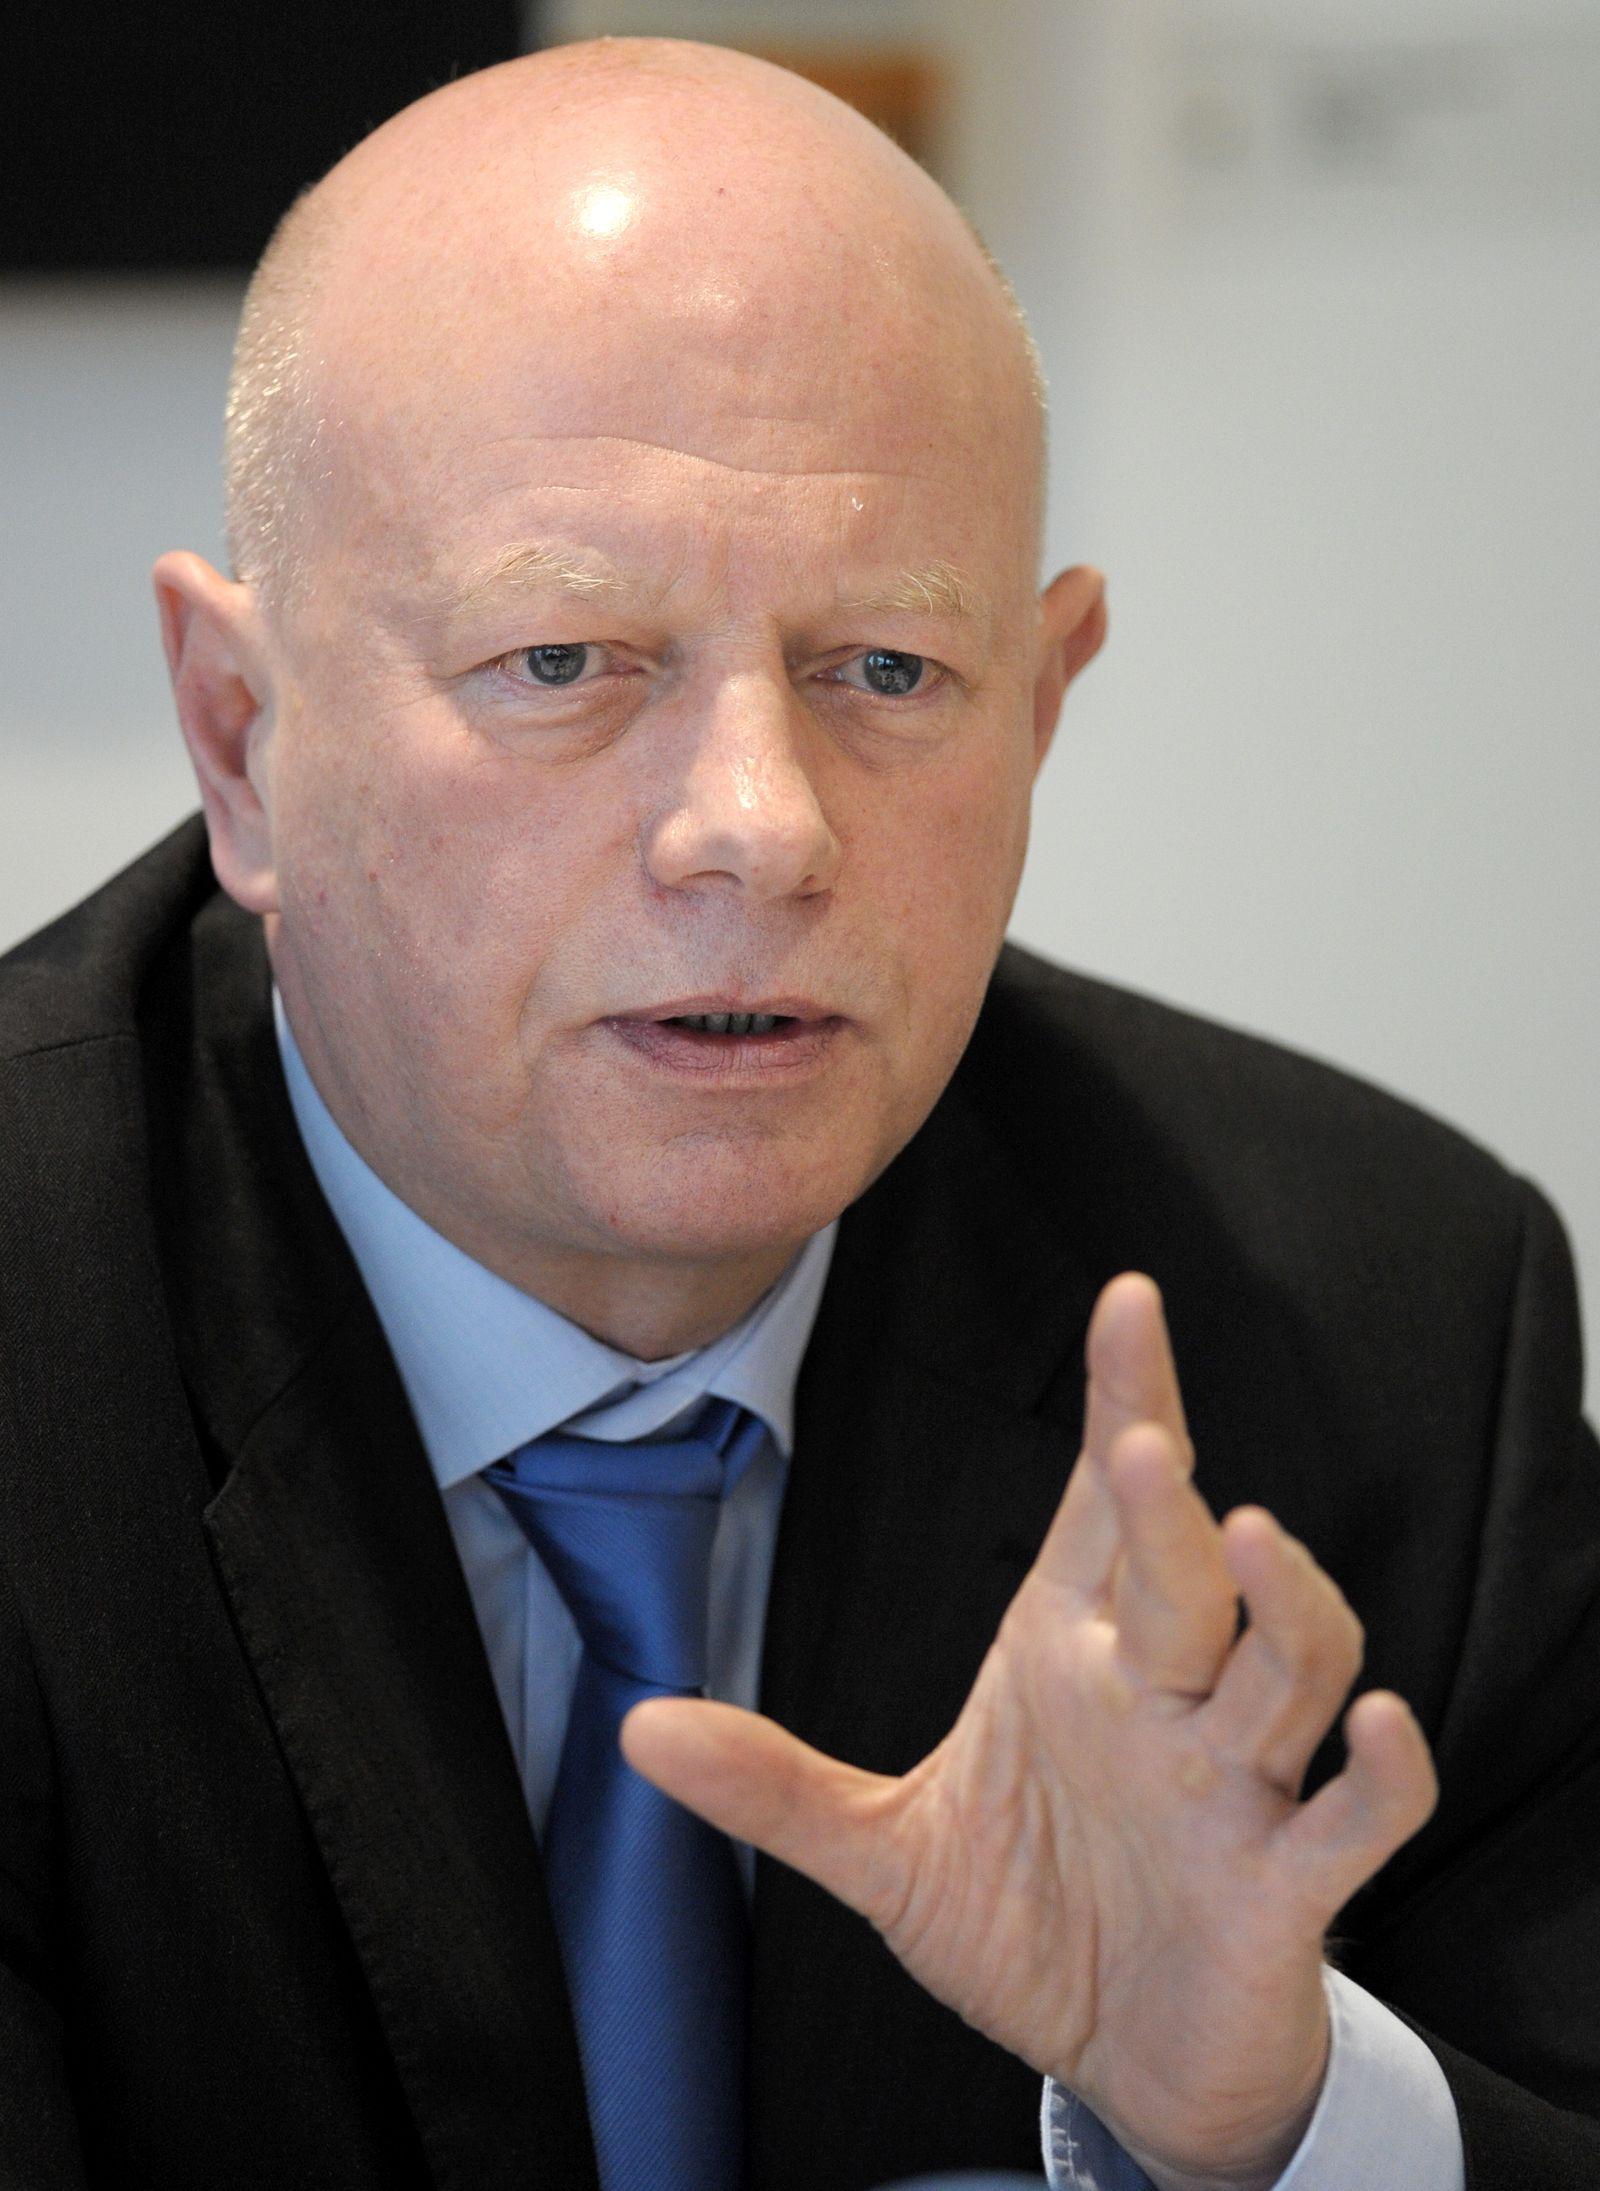 Wilfried Bos/ Bildungsforscher/ Kommission Zentralabitur sorgen